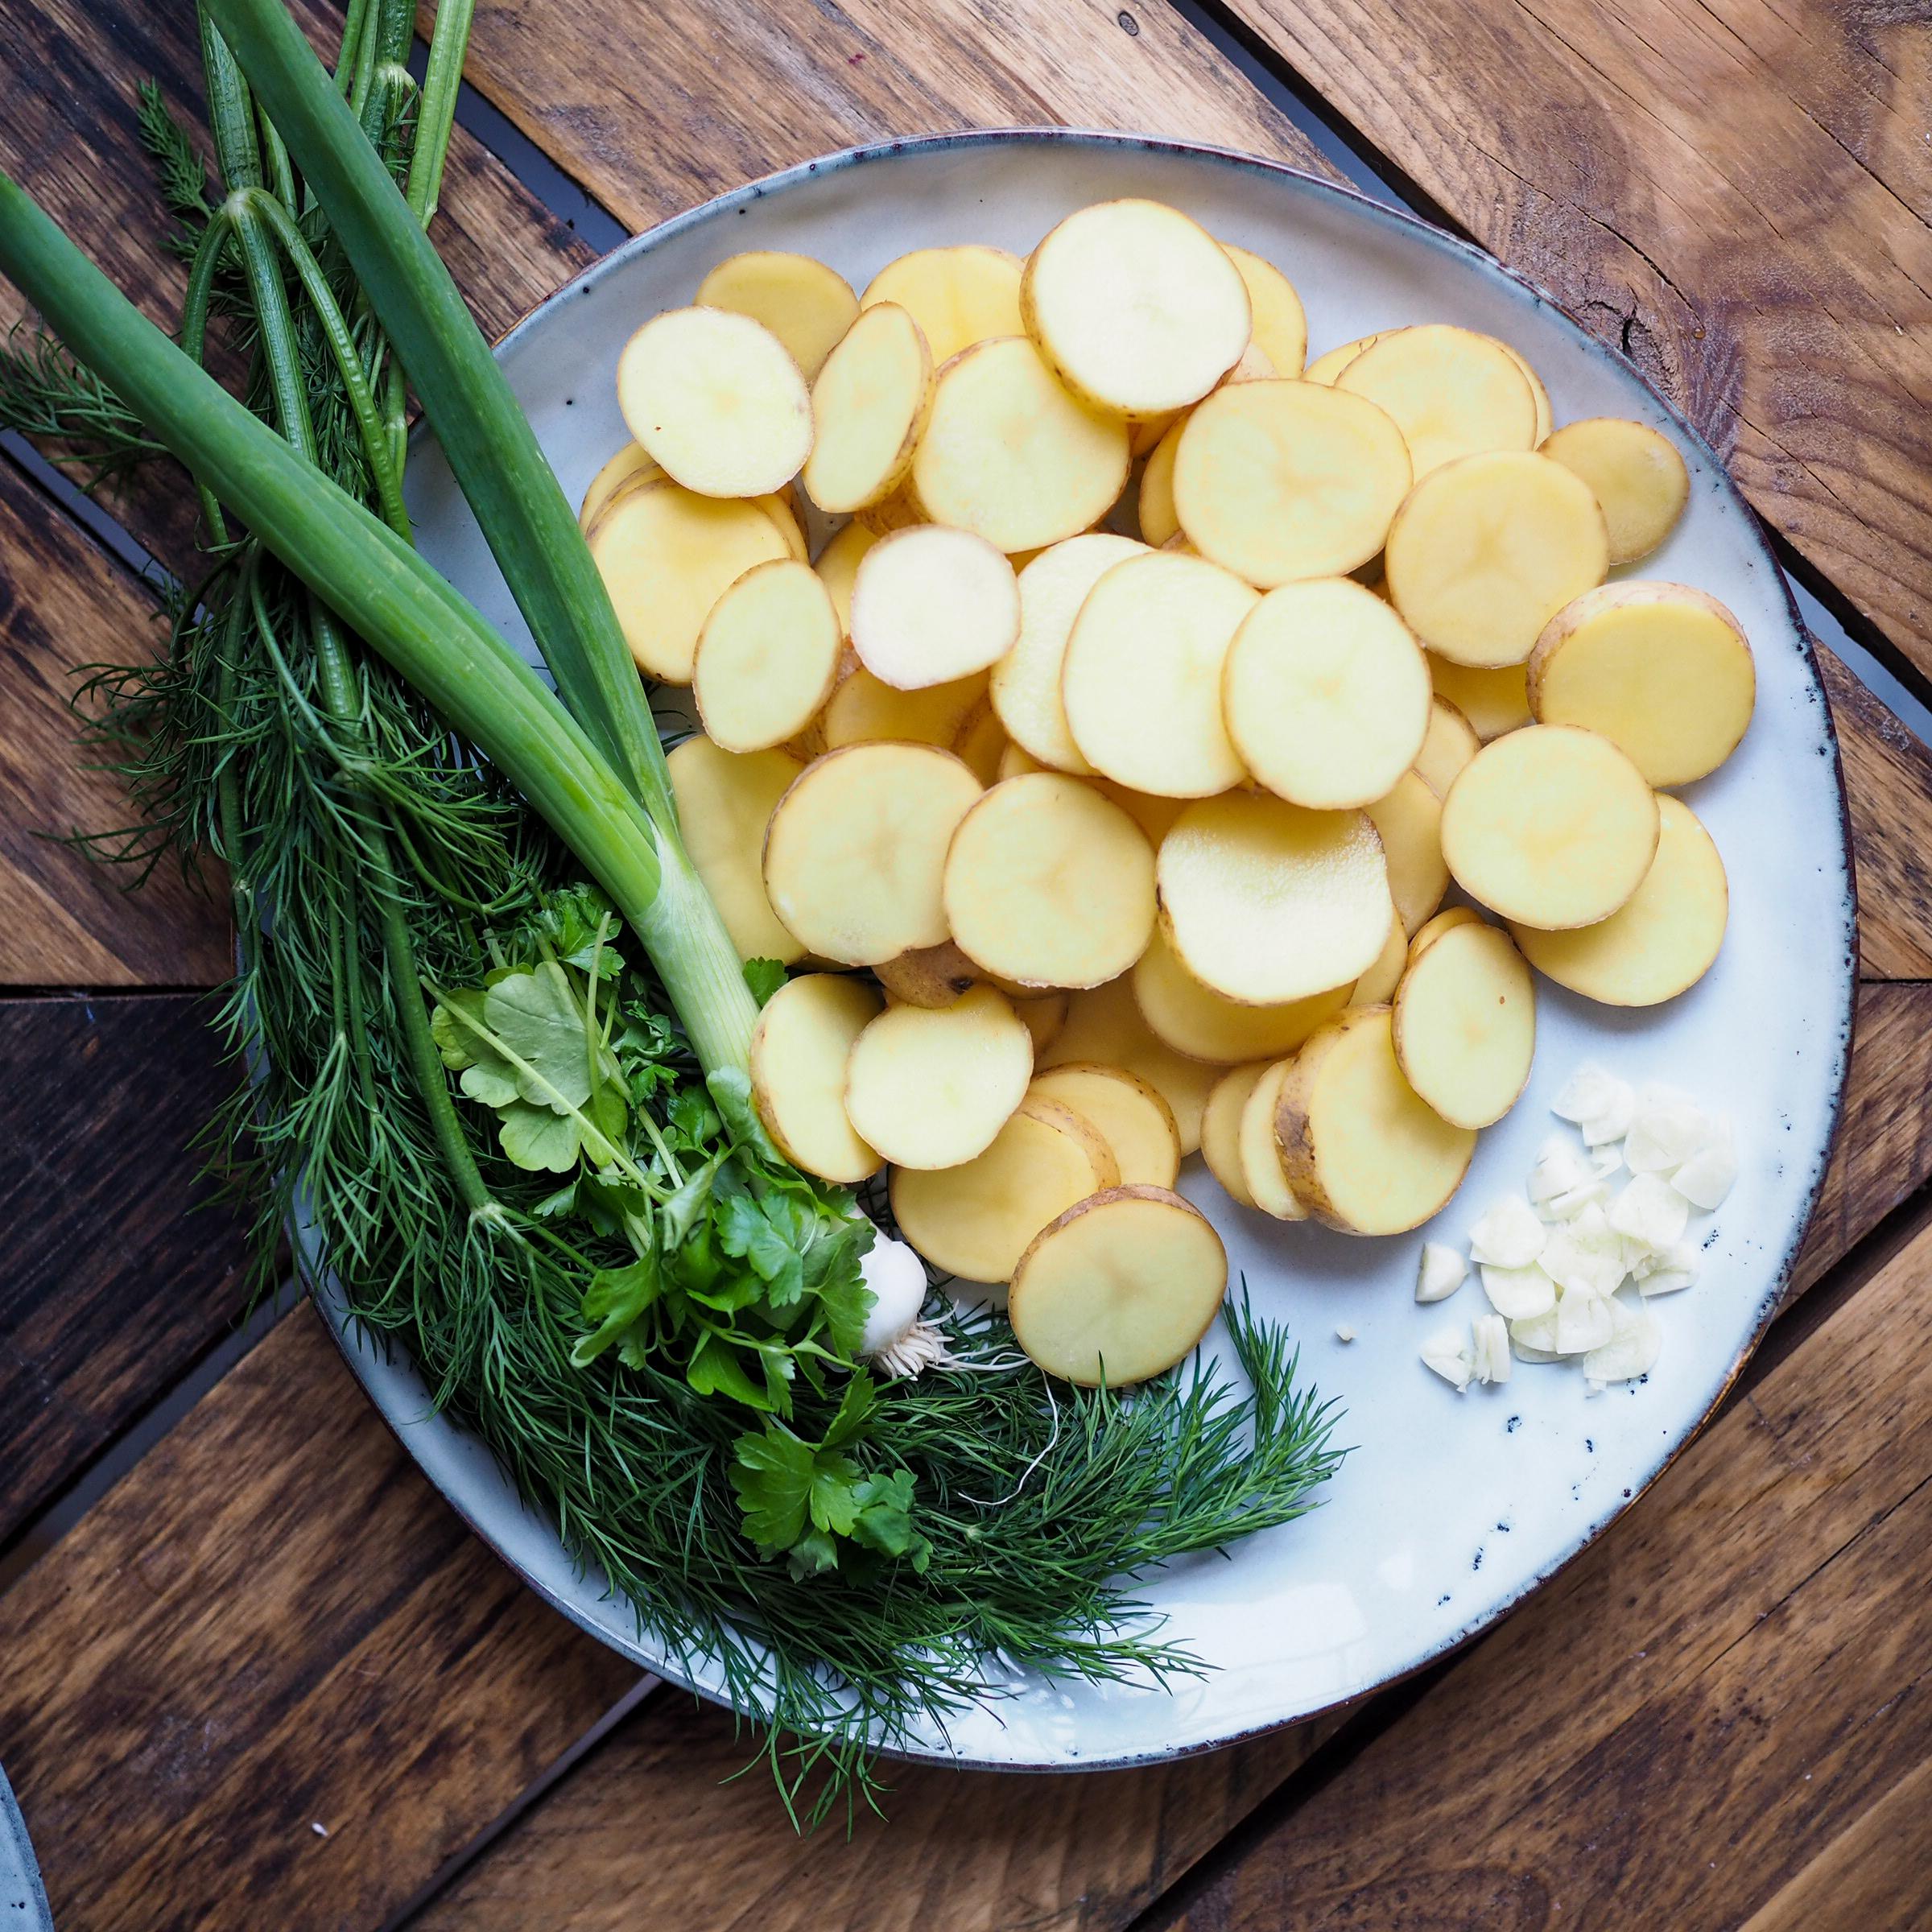 Zeleninová polévka slososem akoprem